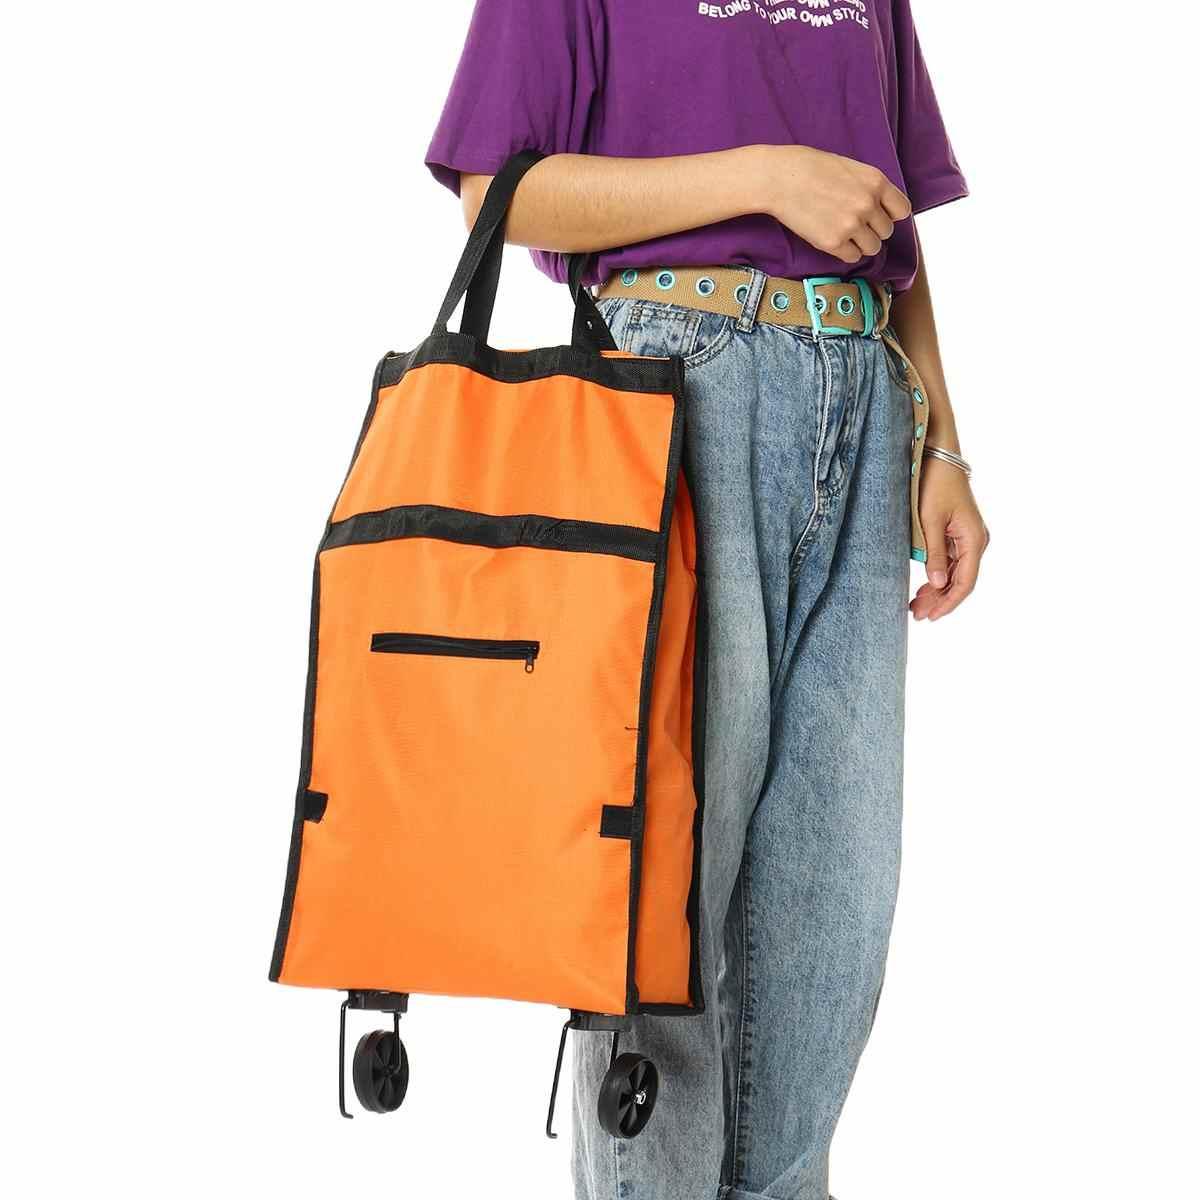 للطي التسوق سحب عربة حقيبة العربة مع عجلات أكياس تسوق قابلة للطي قابلة لإعادة الاستخدام البقالة أكياس الغذاء المنظم الخضروات حقيبة